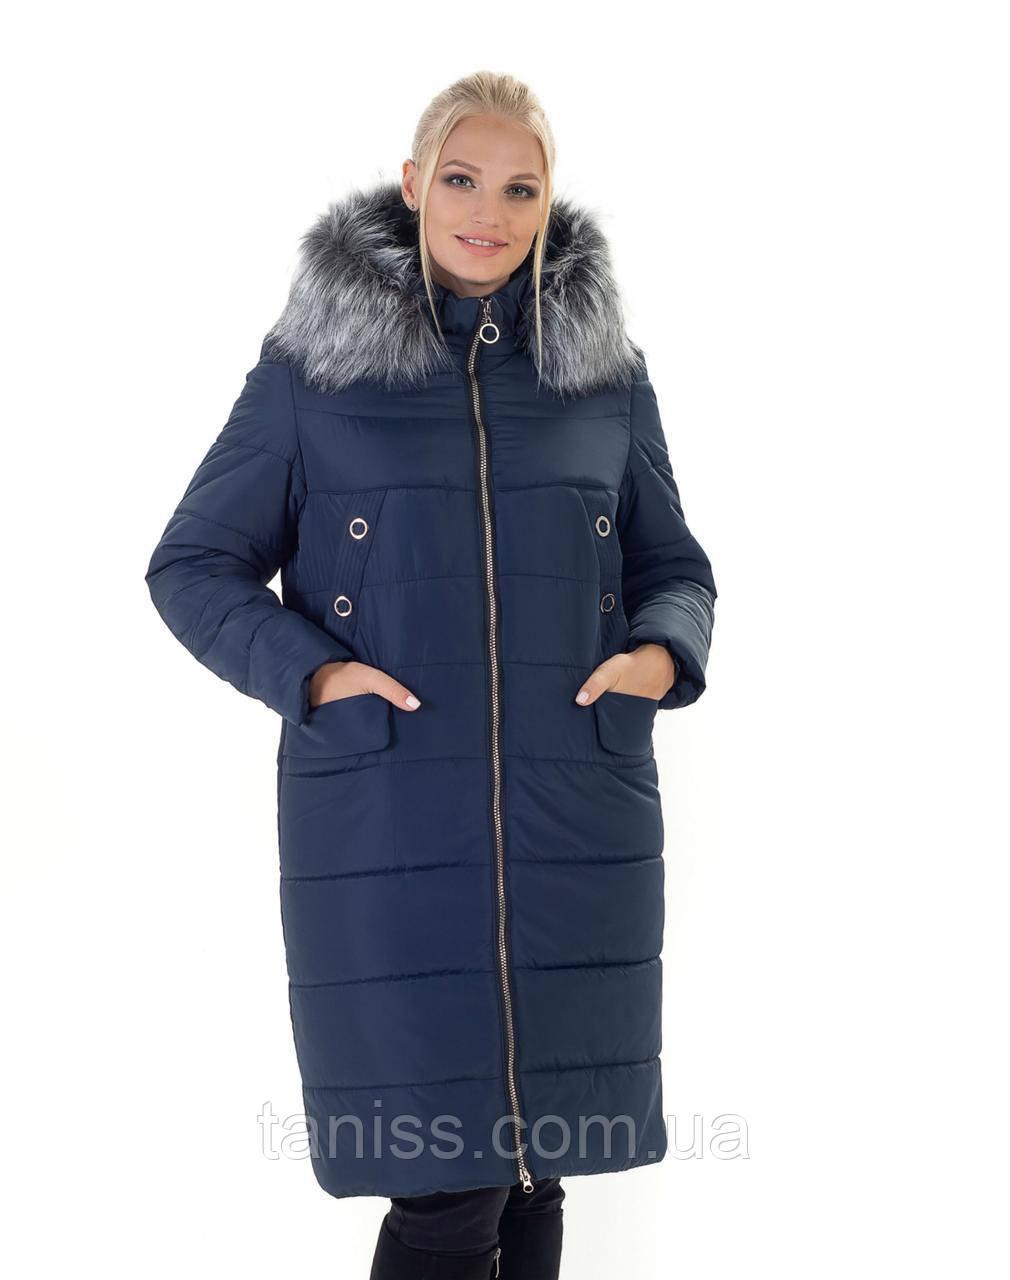 Зимовий жіночий пуховик великого розміру, з штучним хутром ,розміри 44-56,синій(133)хутро